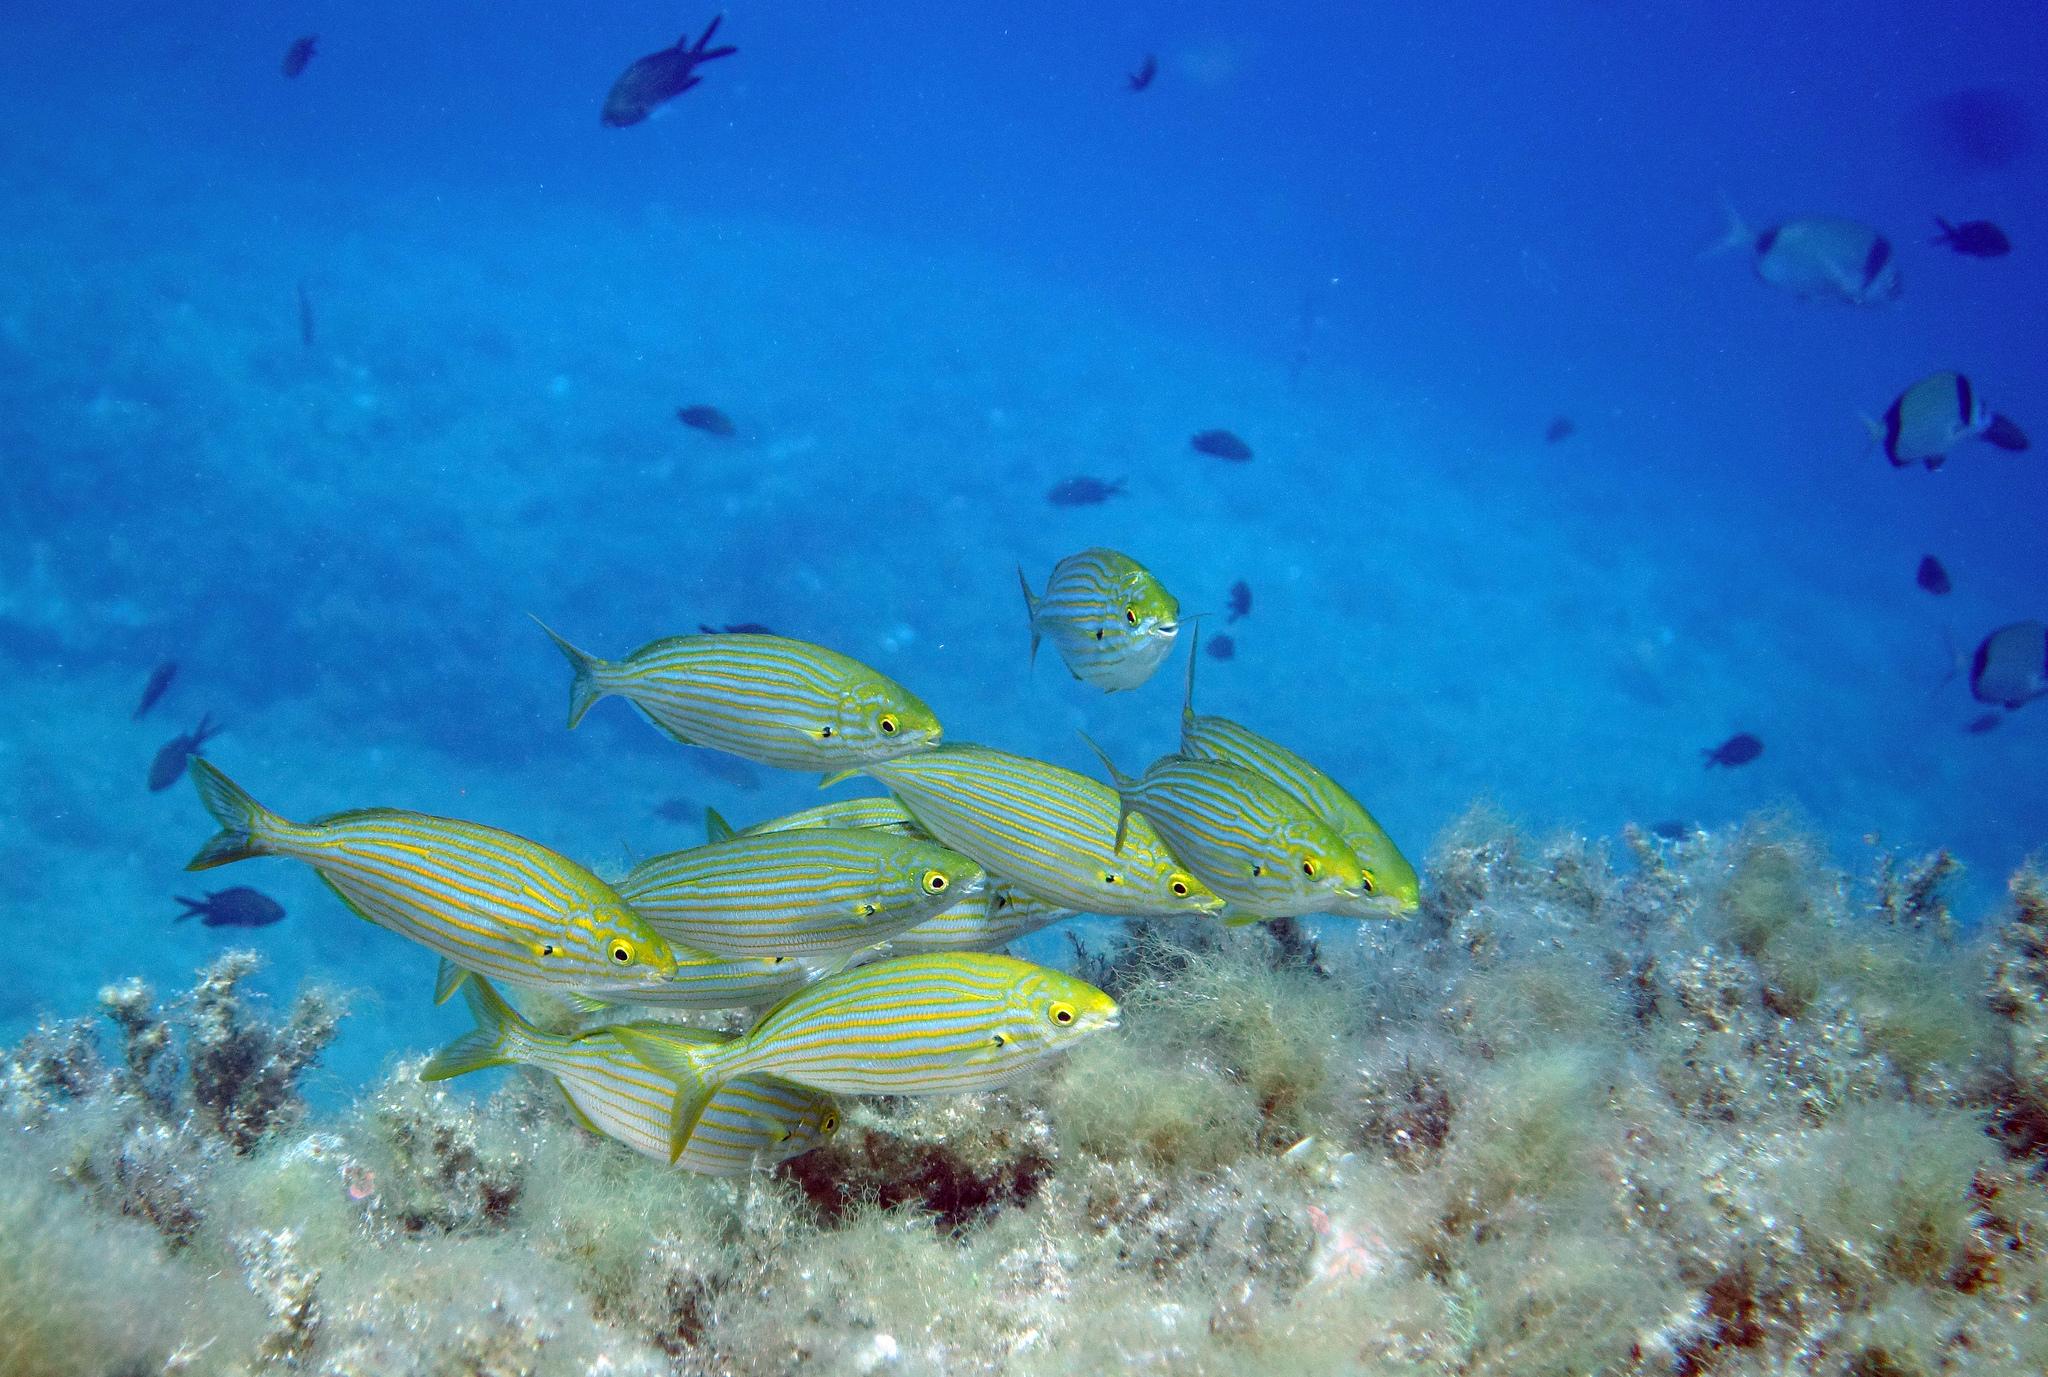 Fondos marinos con peces - 2048x1377